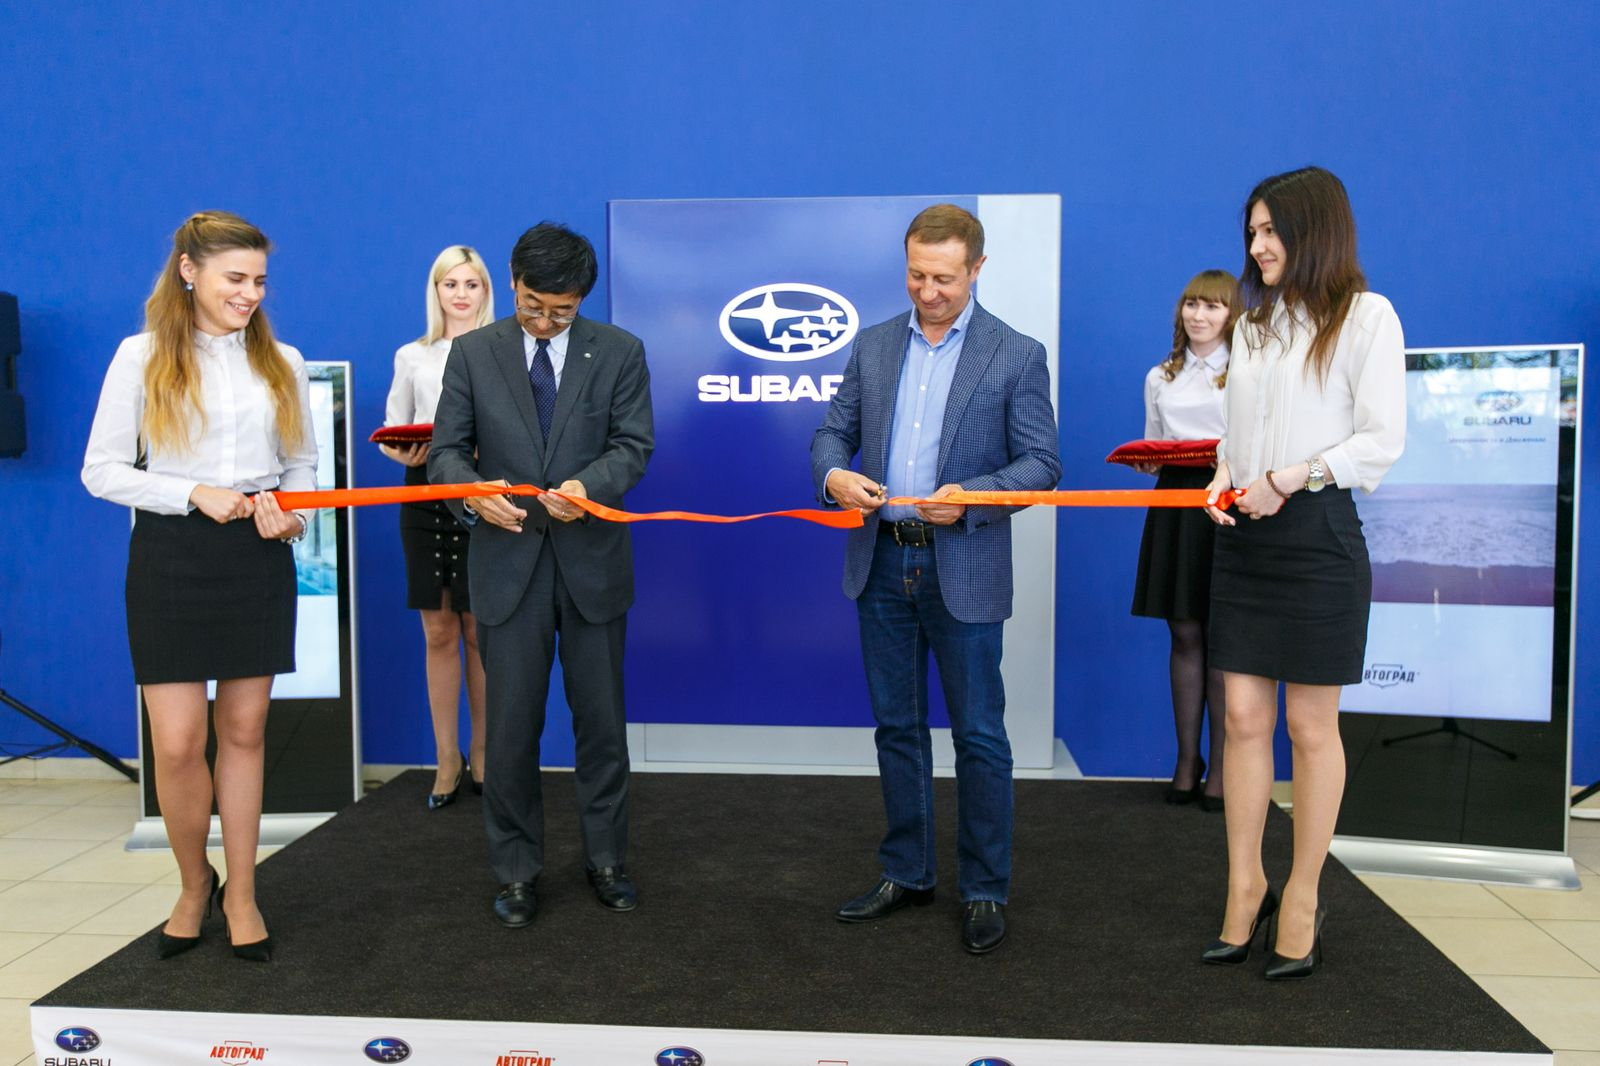 Торжественное открытие нового дилера Subaru в Тюмени - «Автоцентр Автоград»